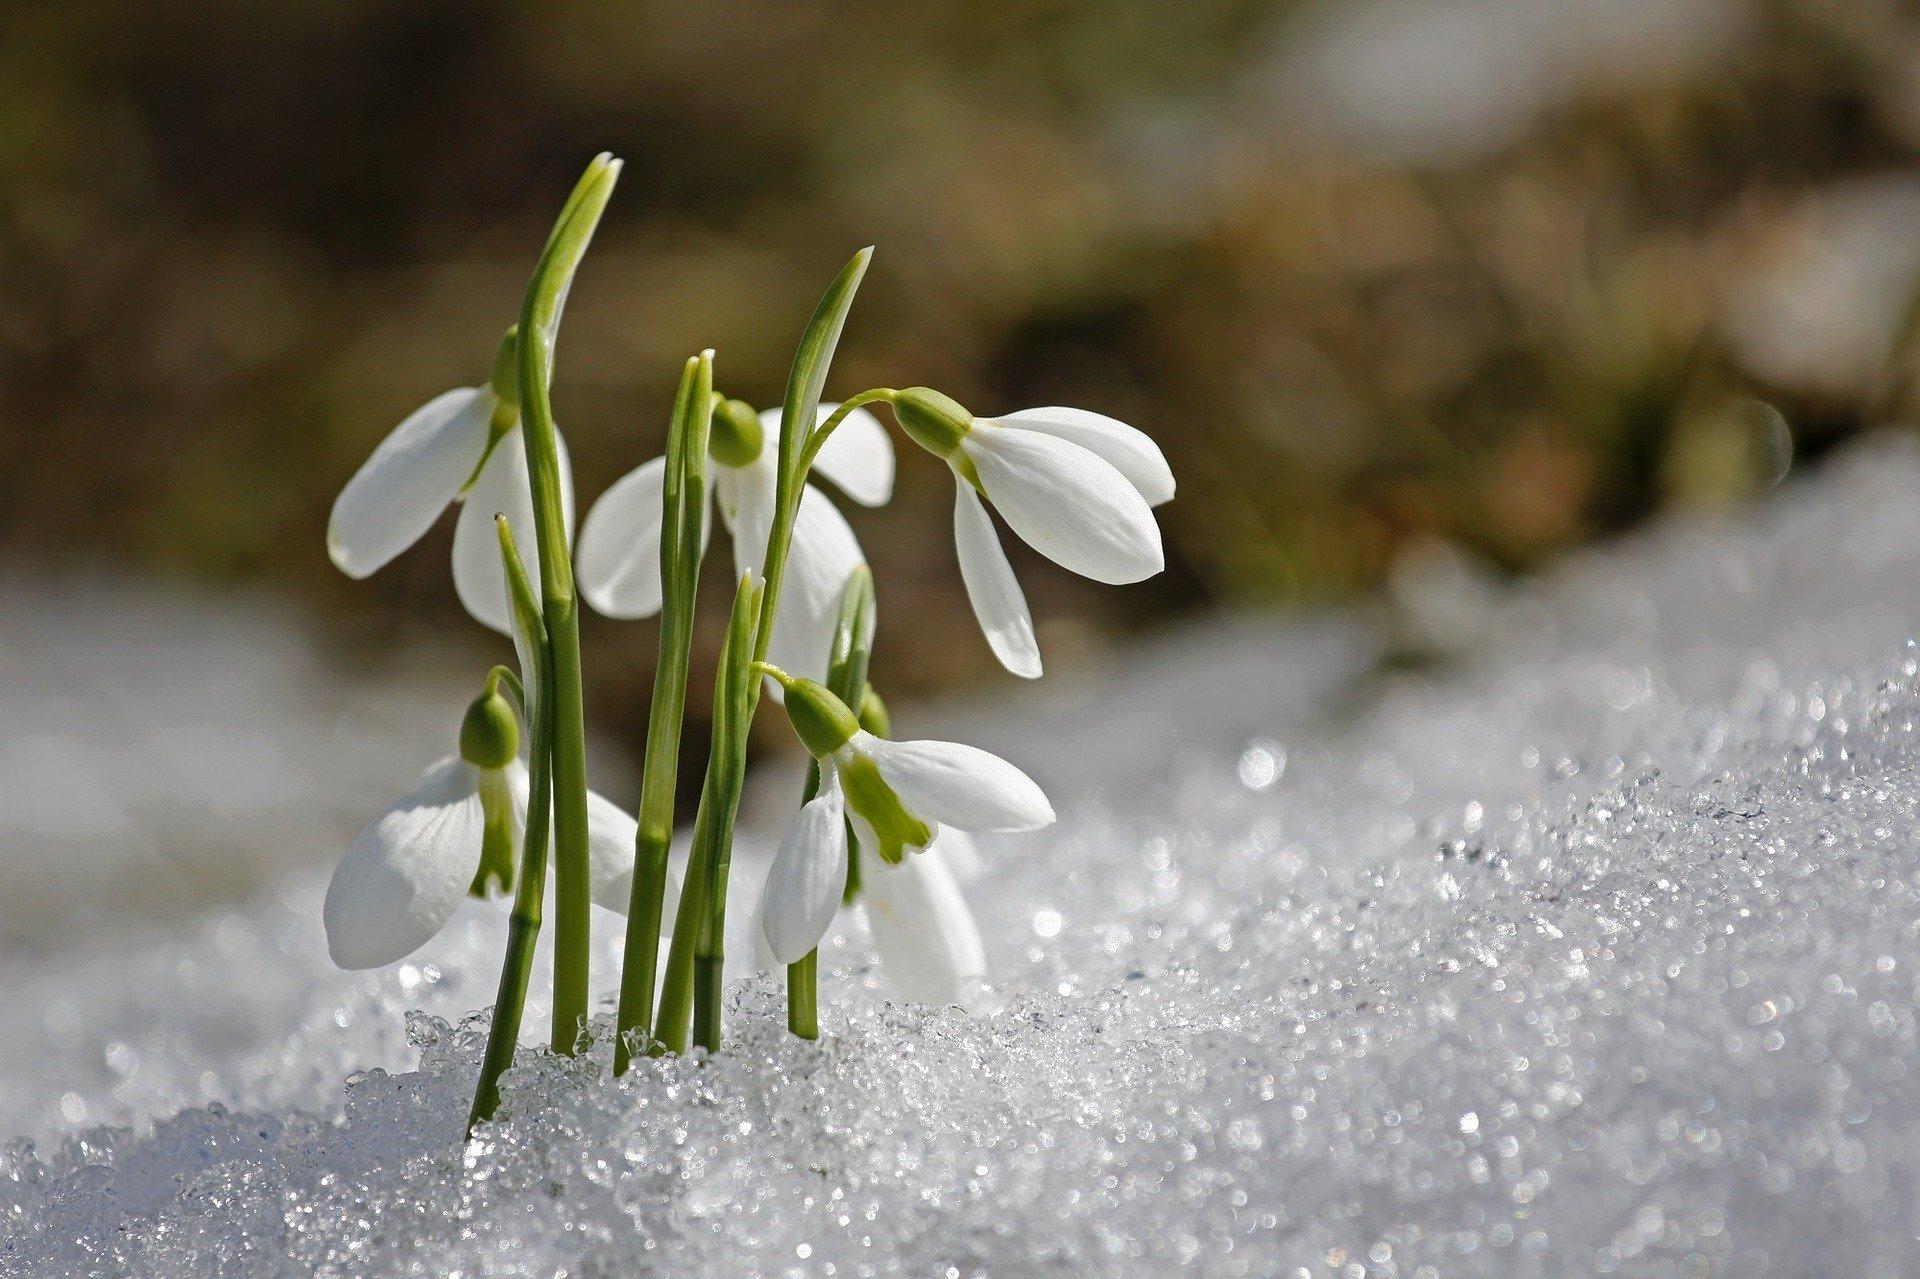 spring-1166564_1920.jpg